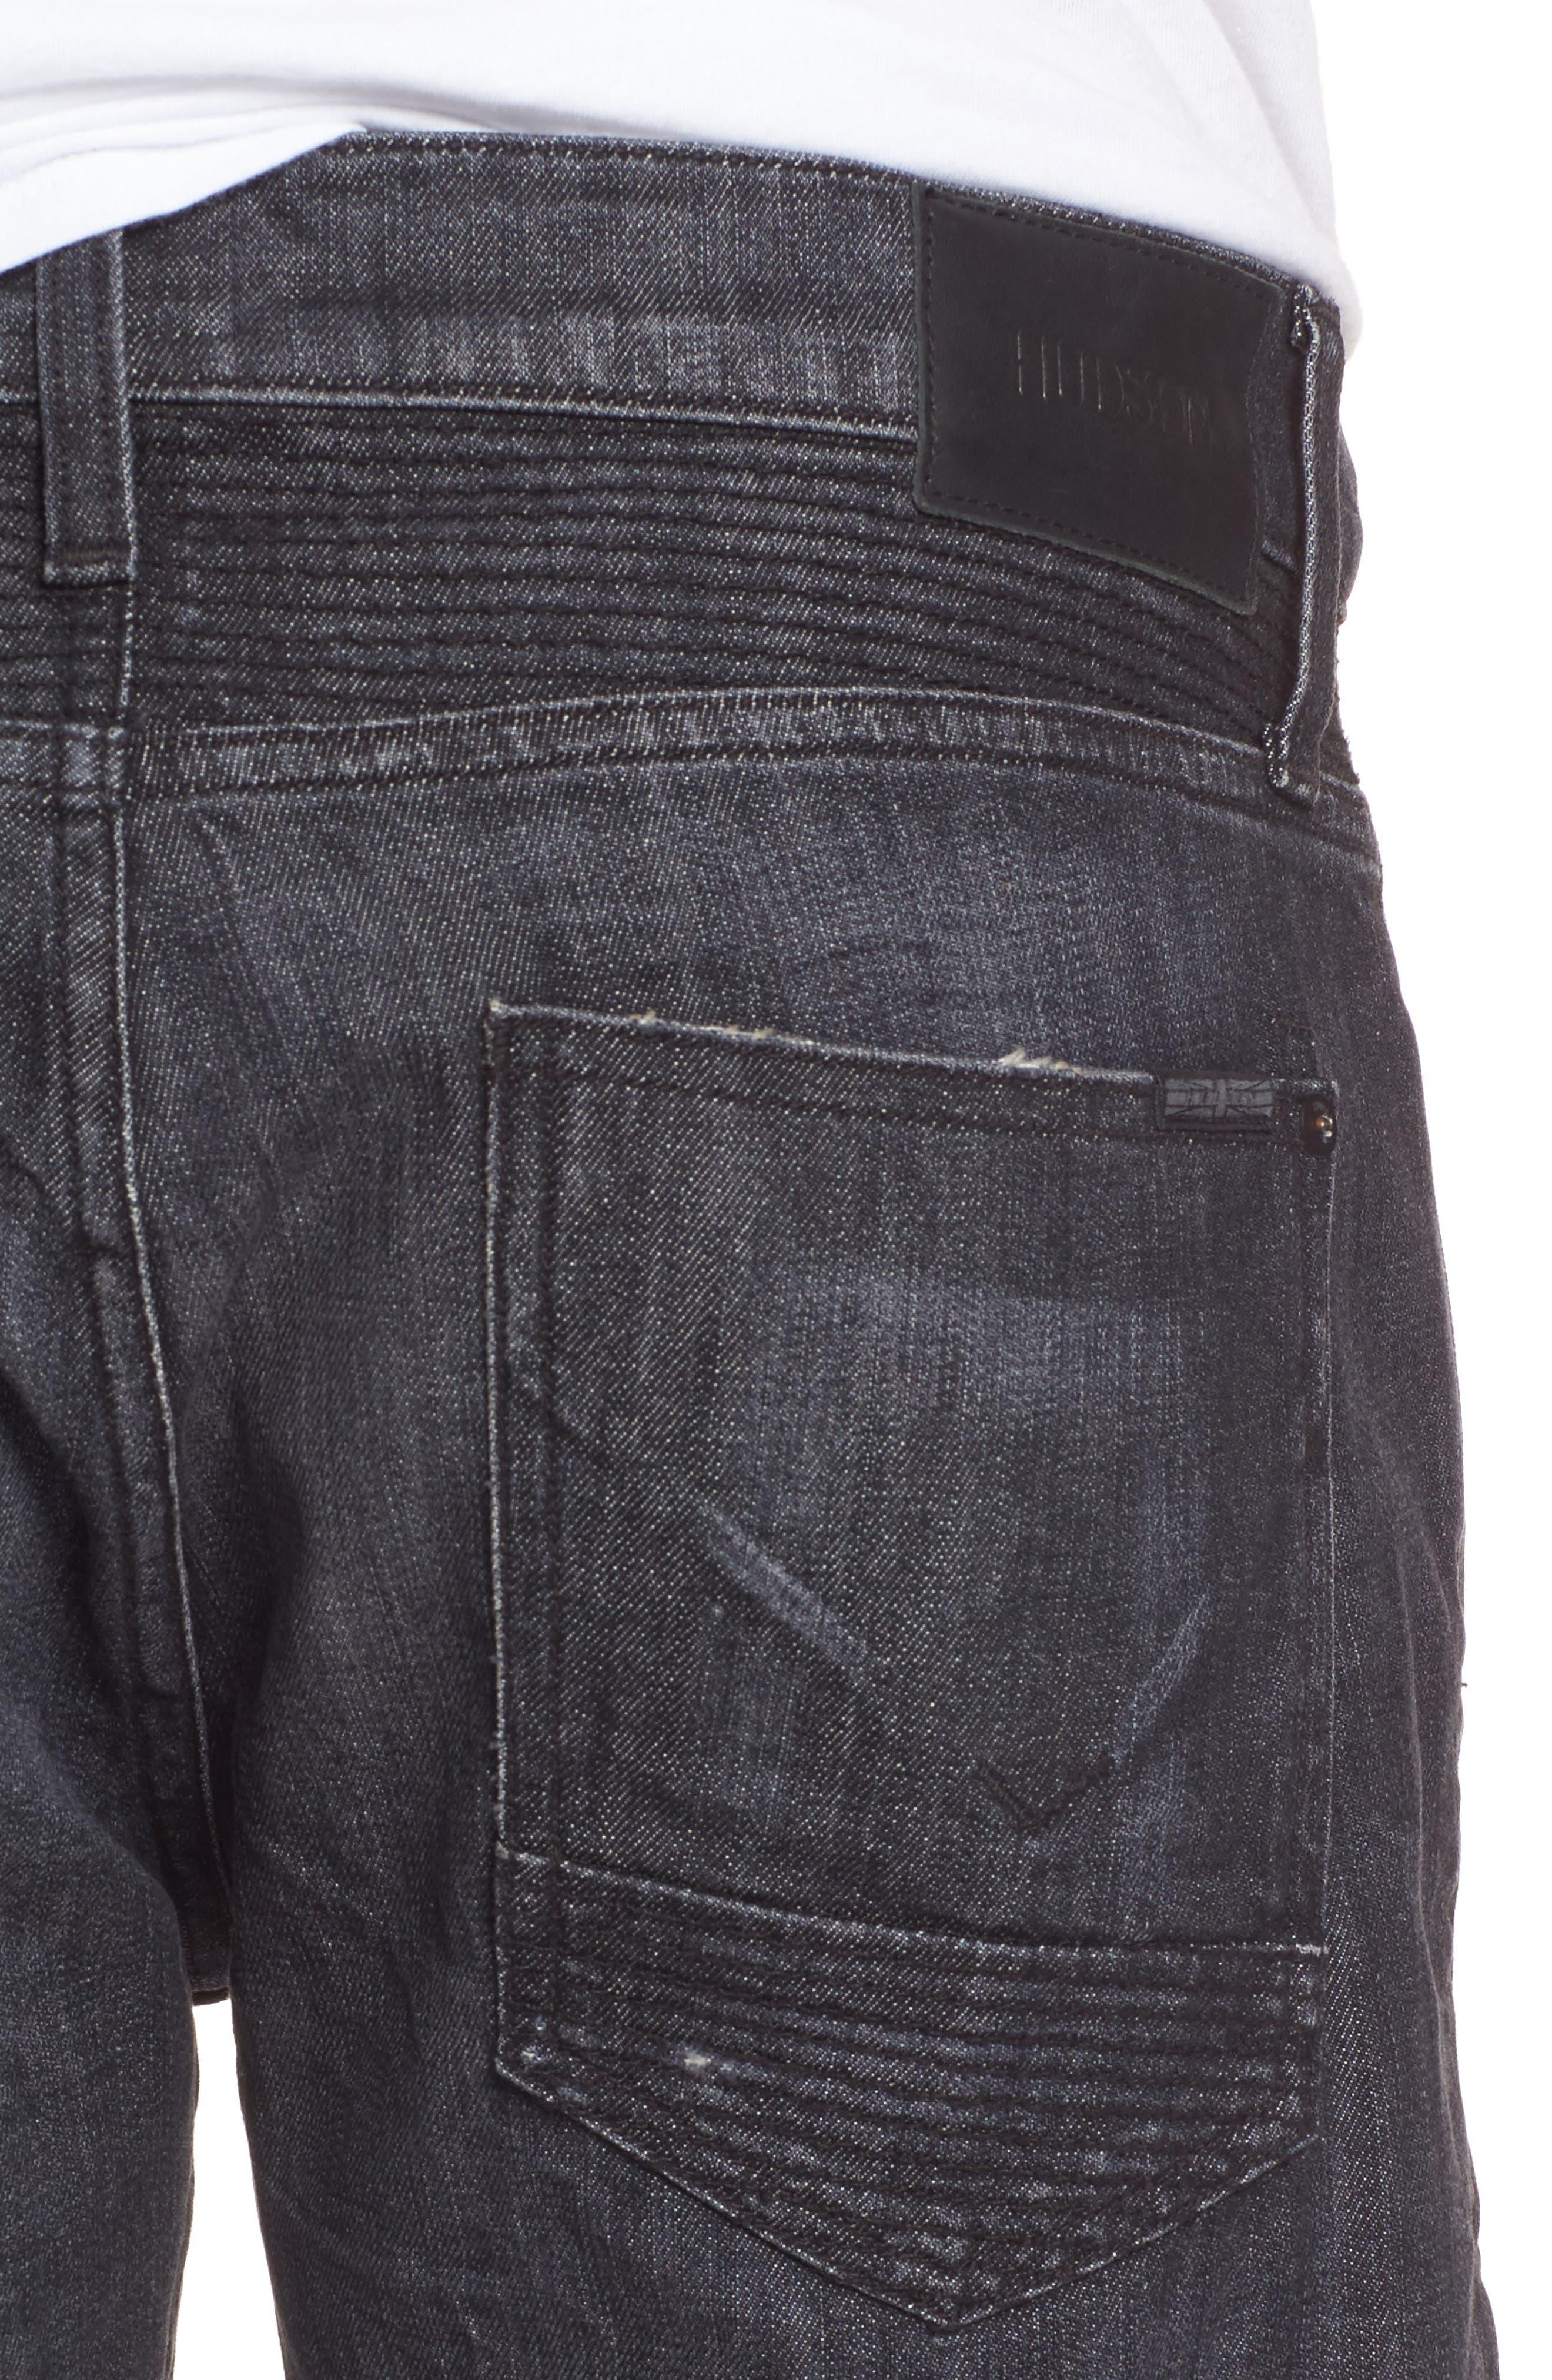 Alternate Image 4  - Hudson Jeans Blinder Biker Moto Skinny Fit Jeans (Damage)